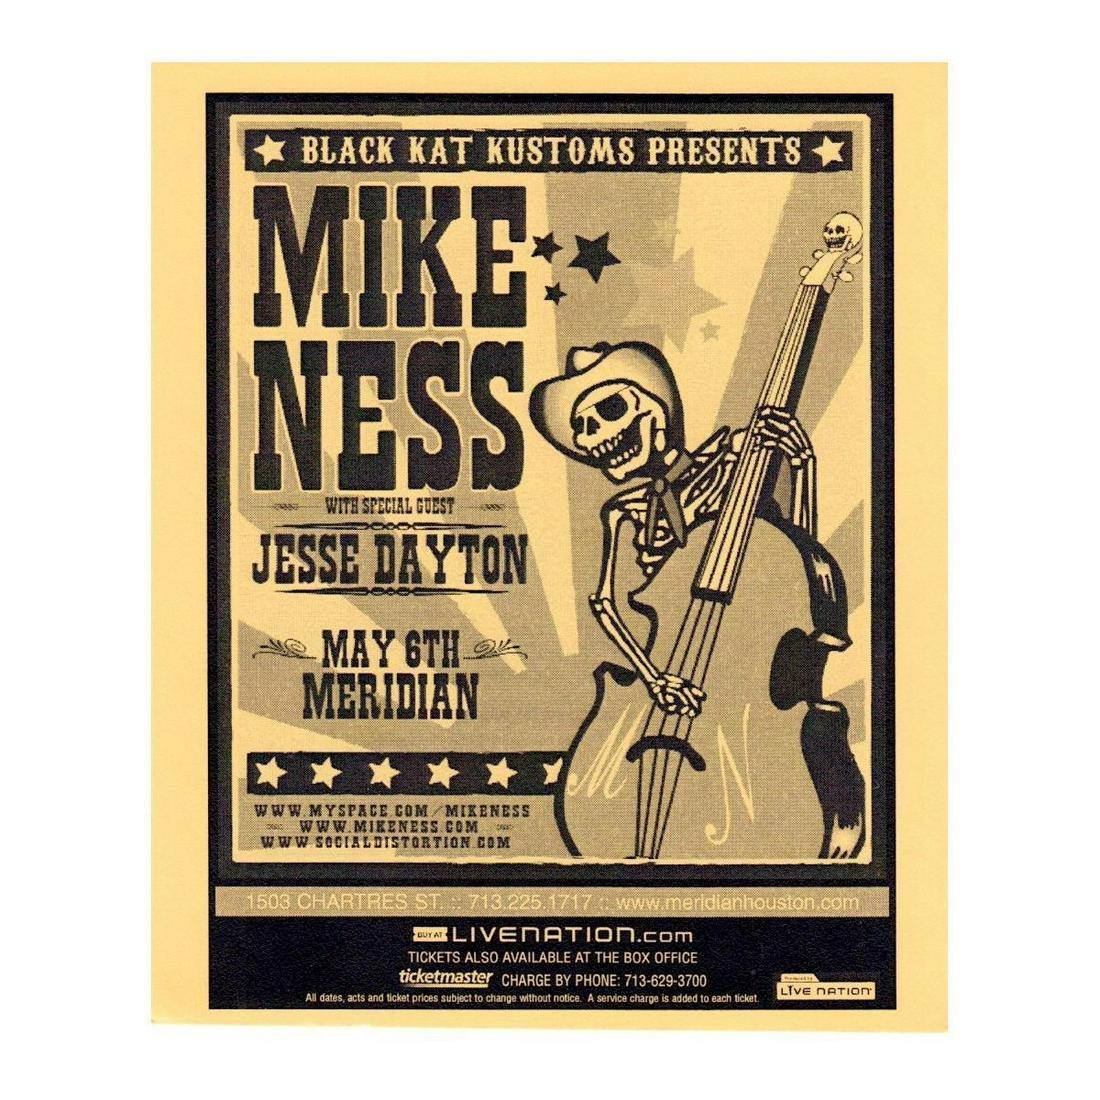 Social Distortion - Mike Ness - 2008 Concert Handbill